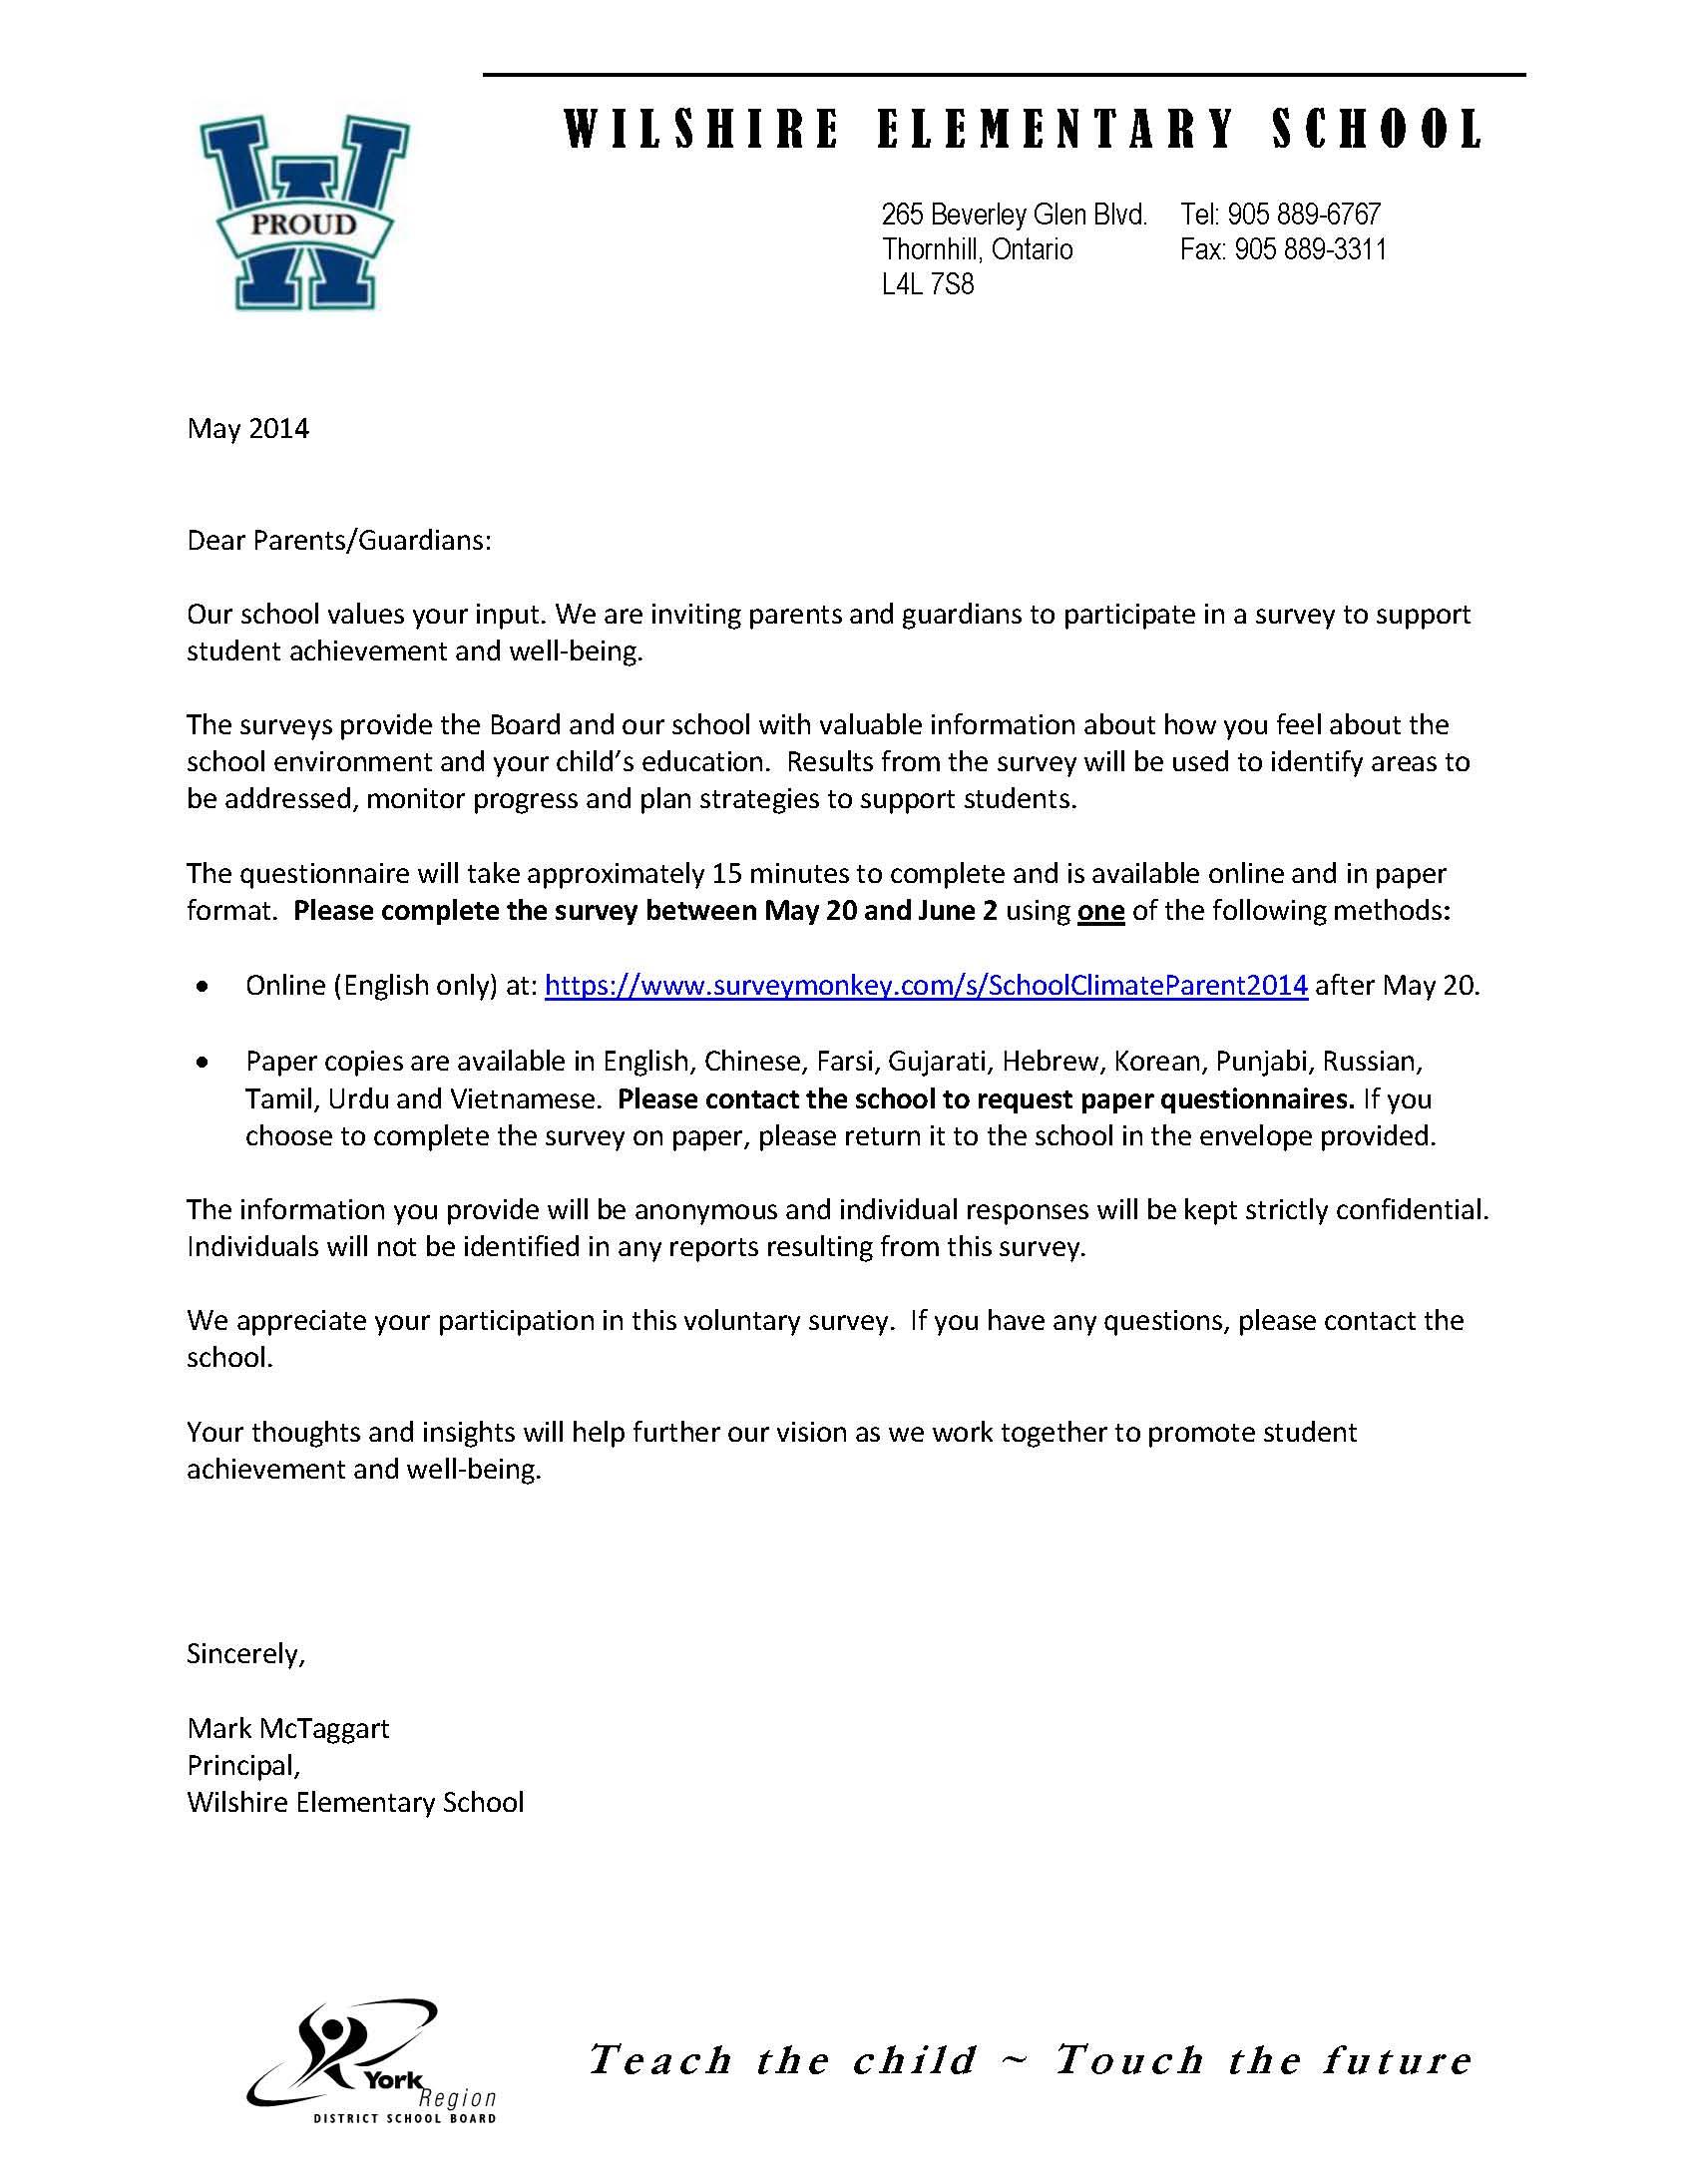 Parent Letter Teacher Change